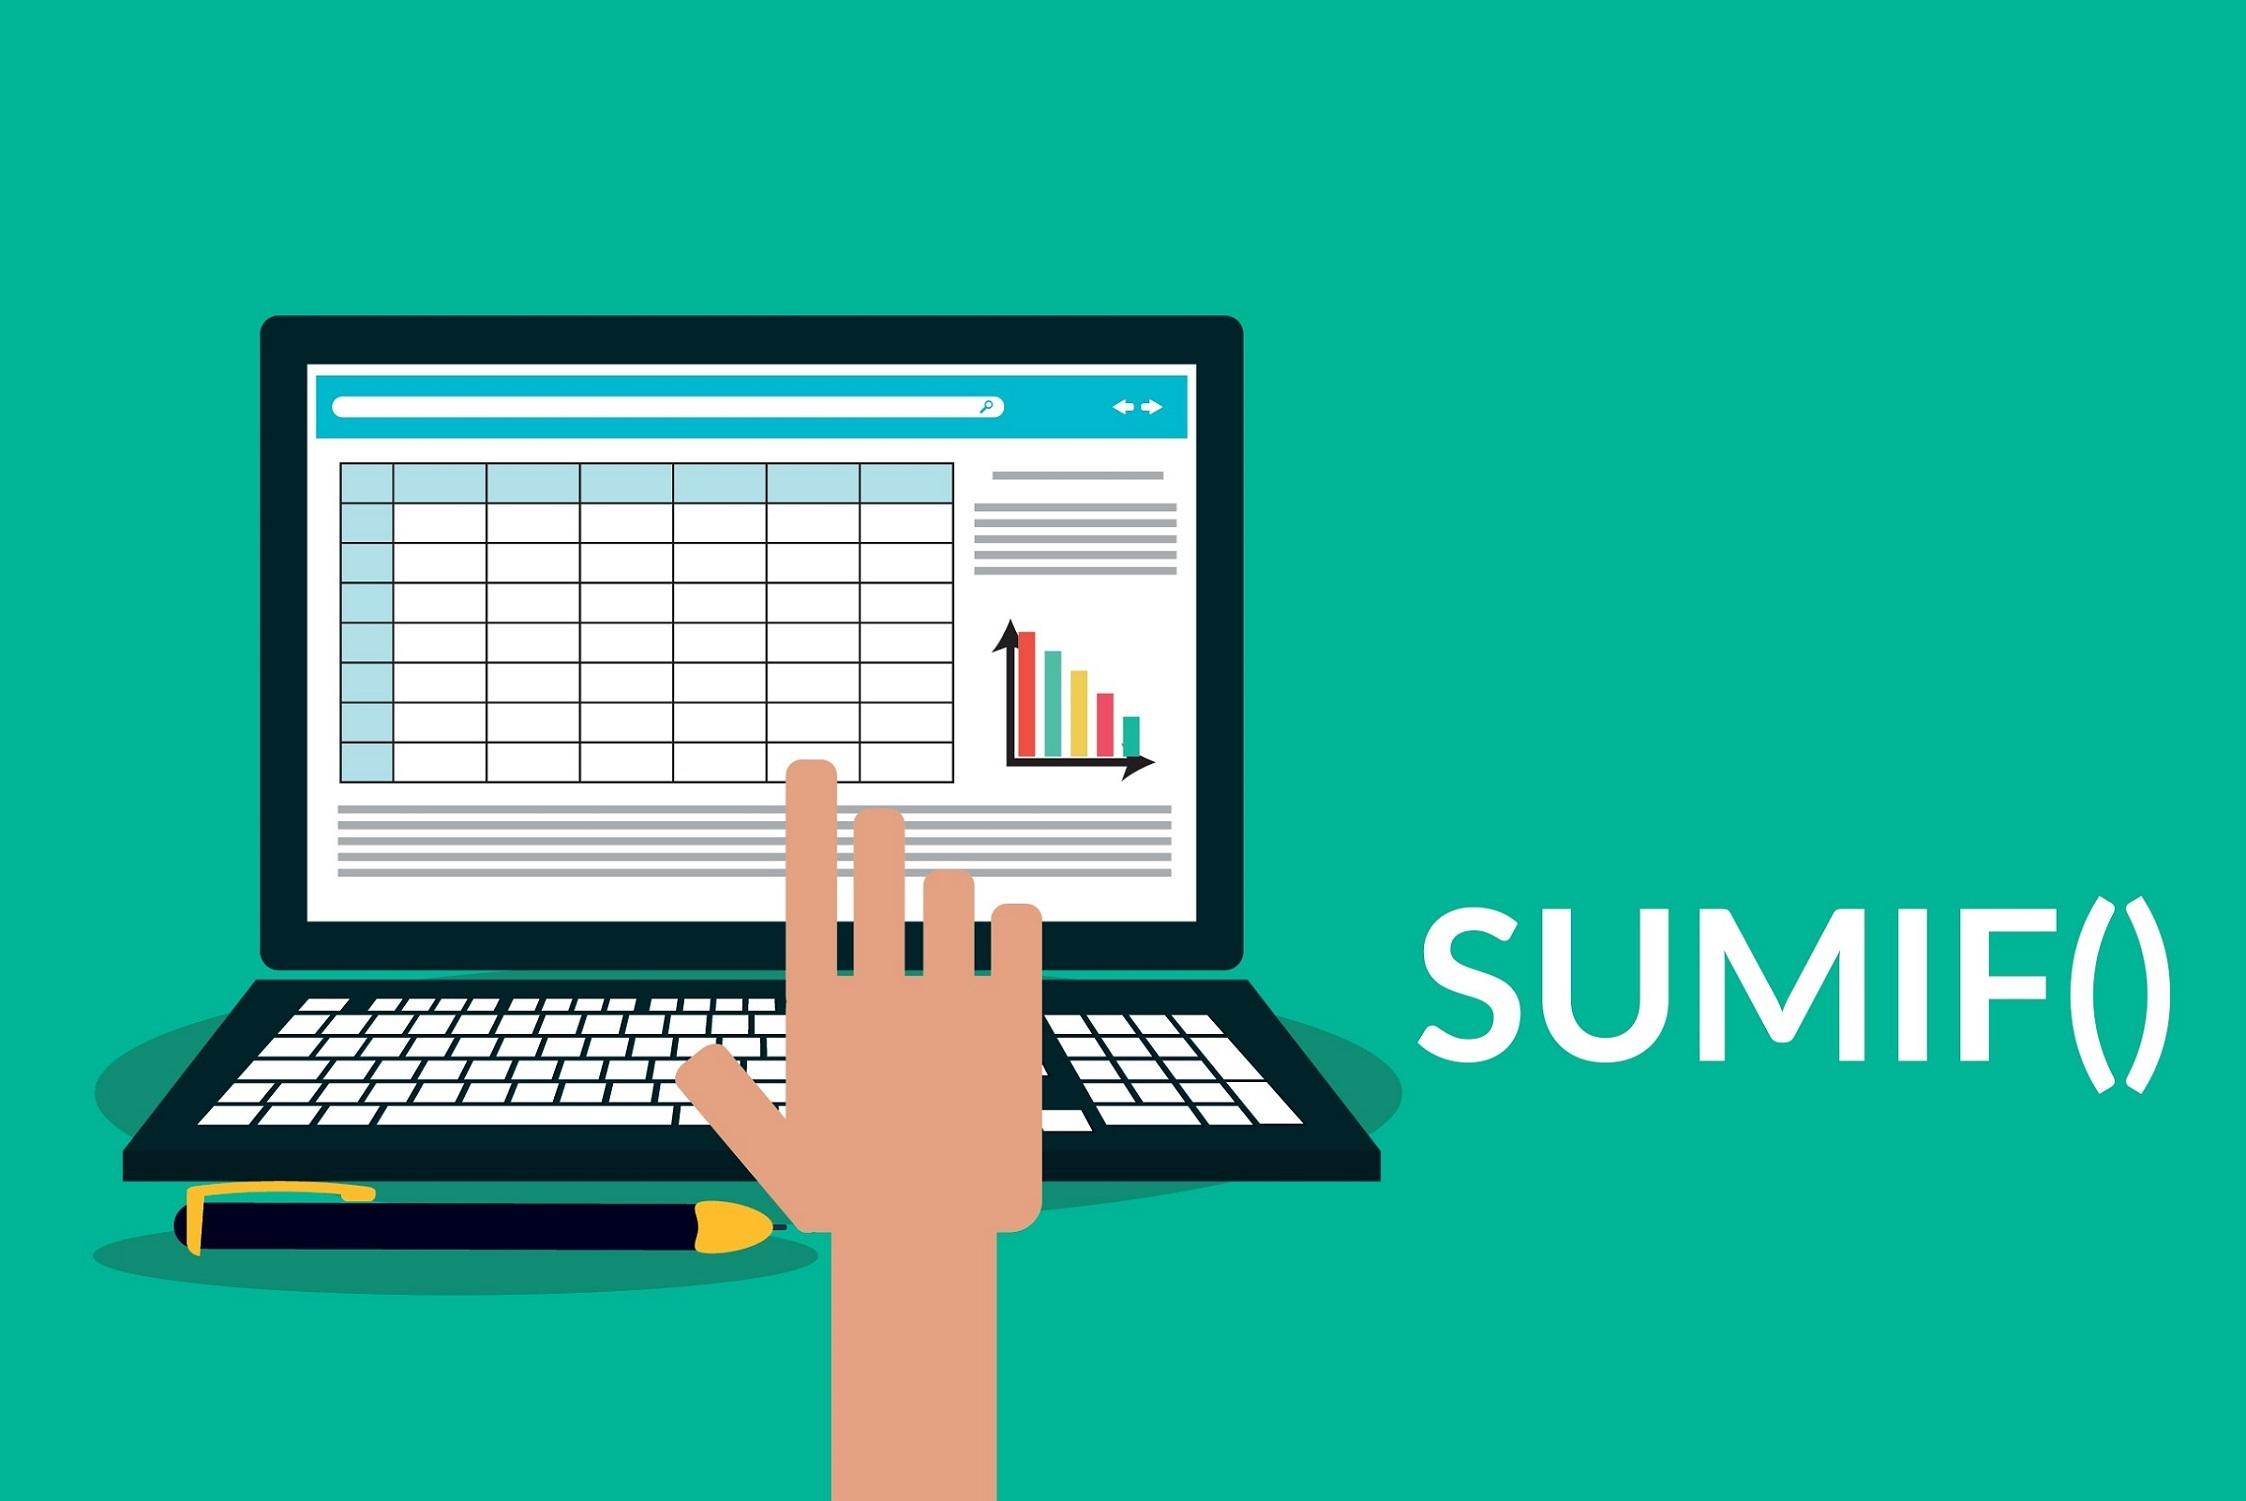 Hàm SUMIF trong Excel: Cách sử dụng và ví dụ cụ thể